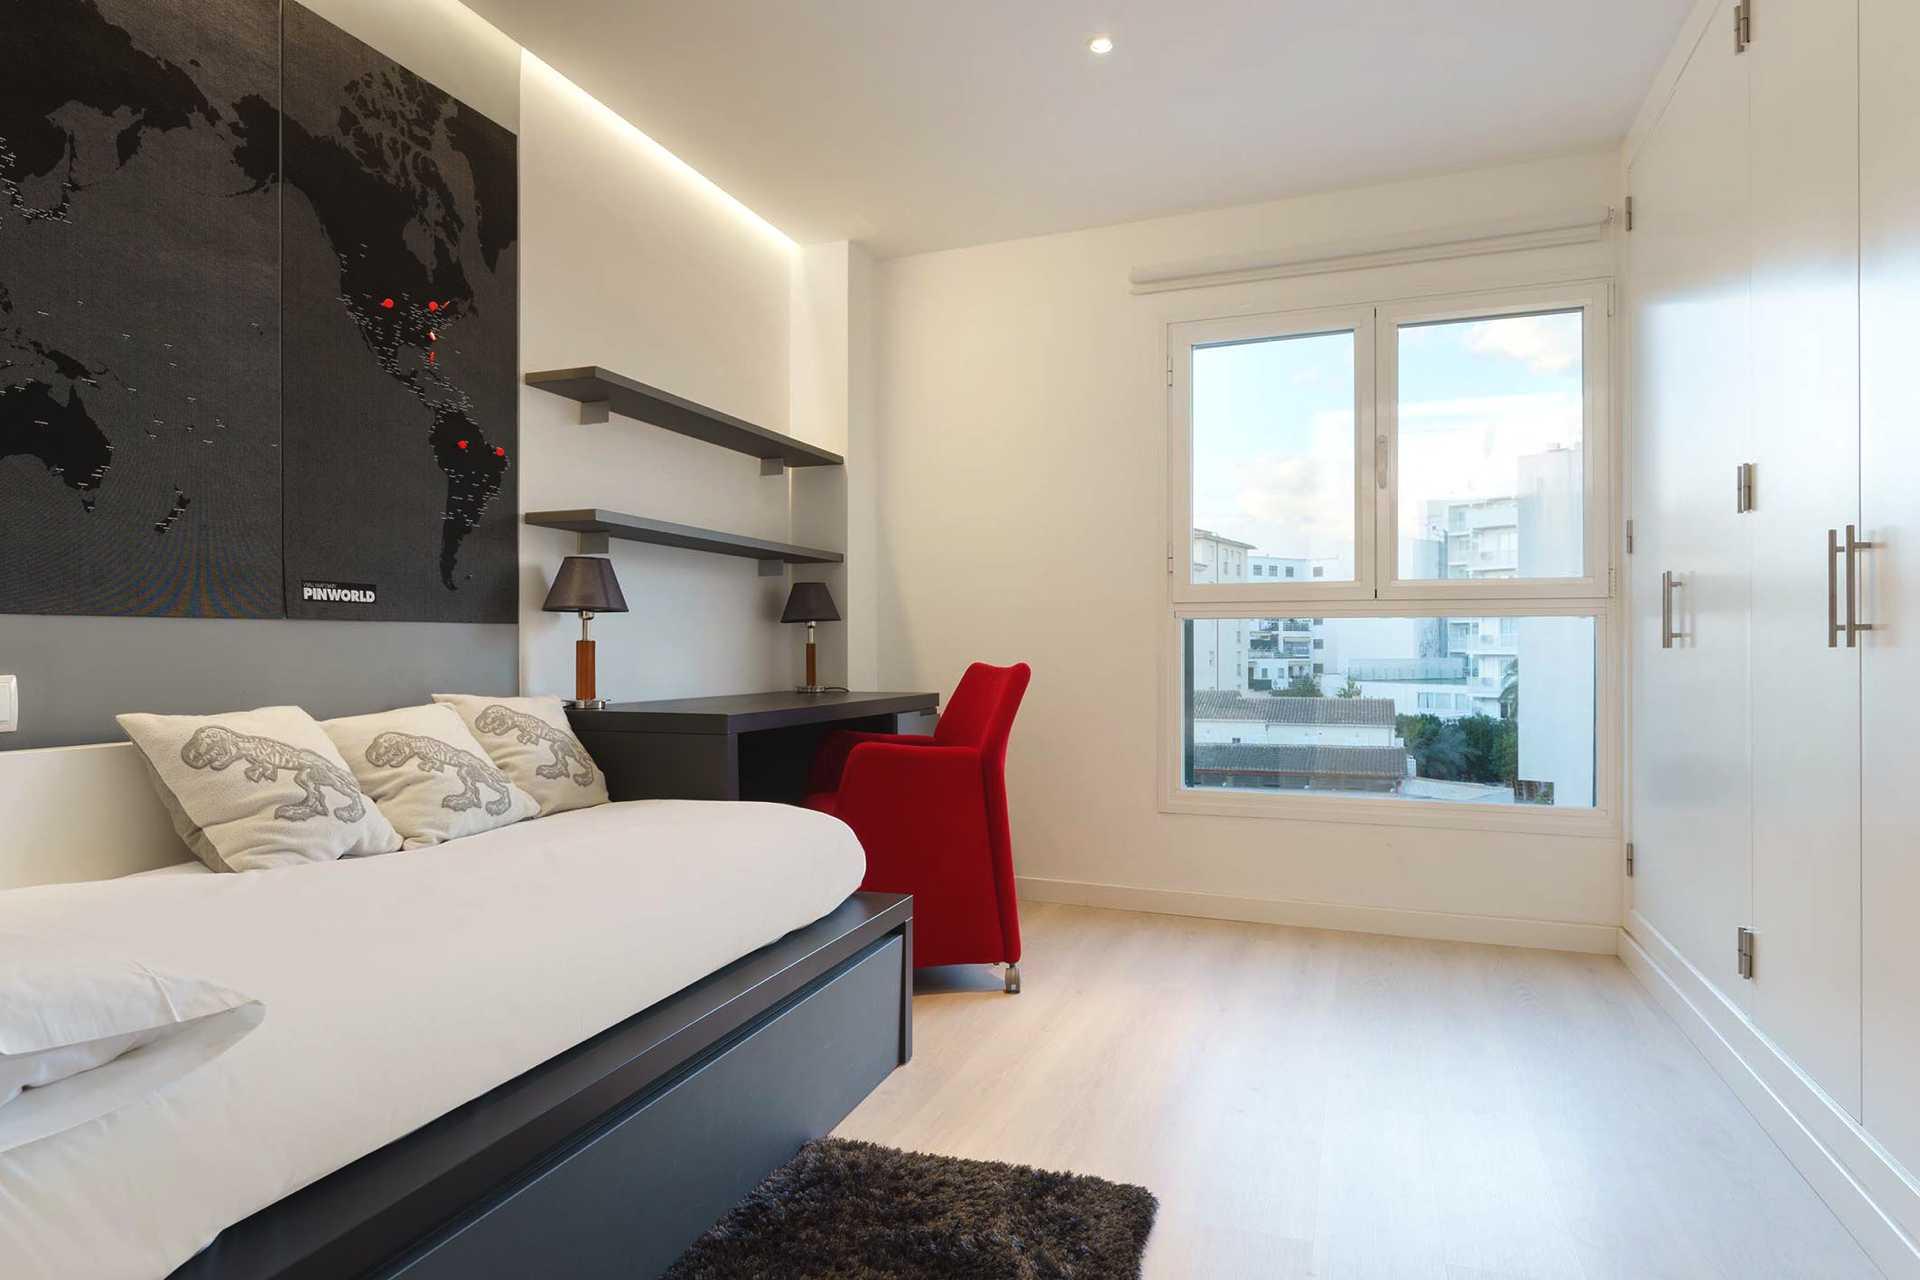 01-291 exclusive apartment Mallorca north Bild 28